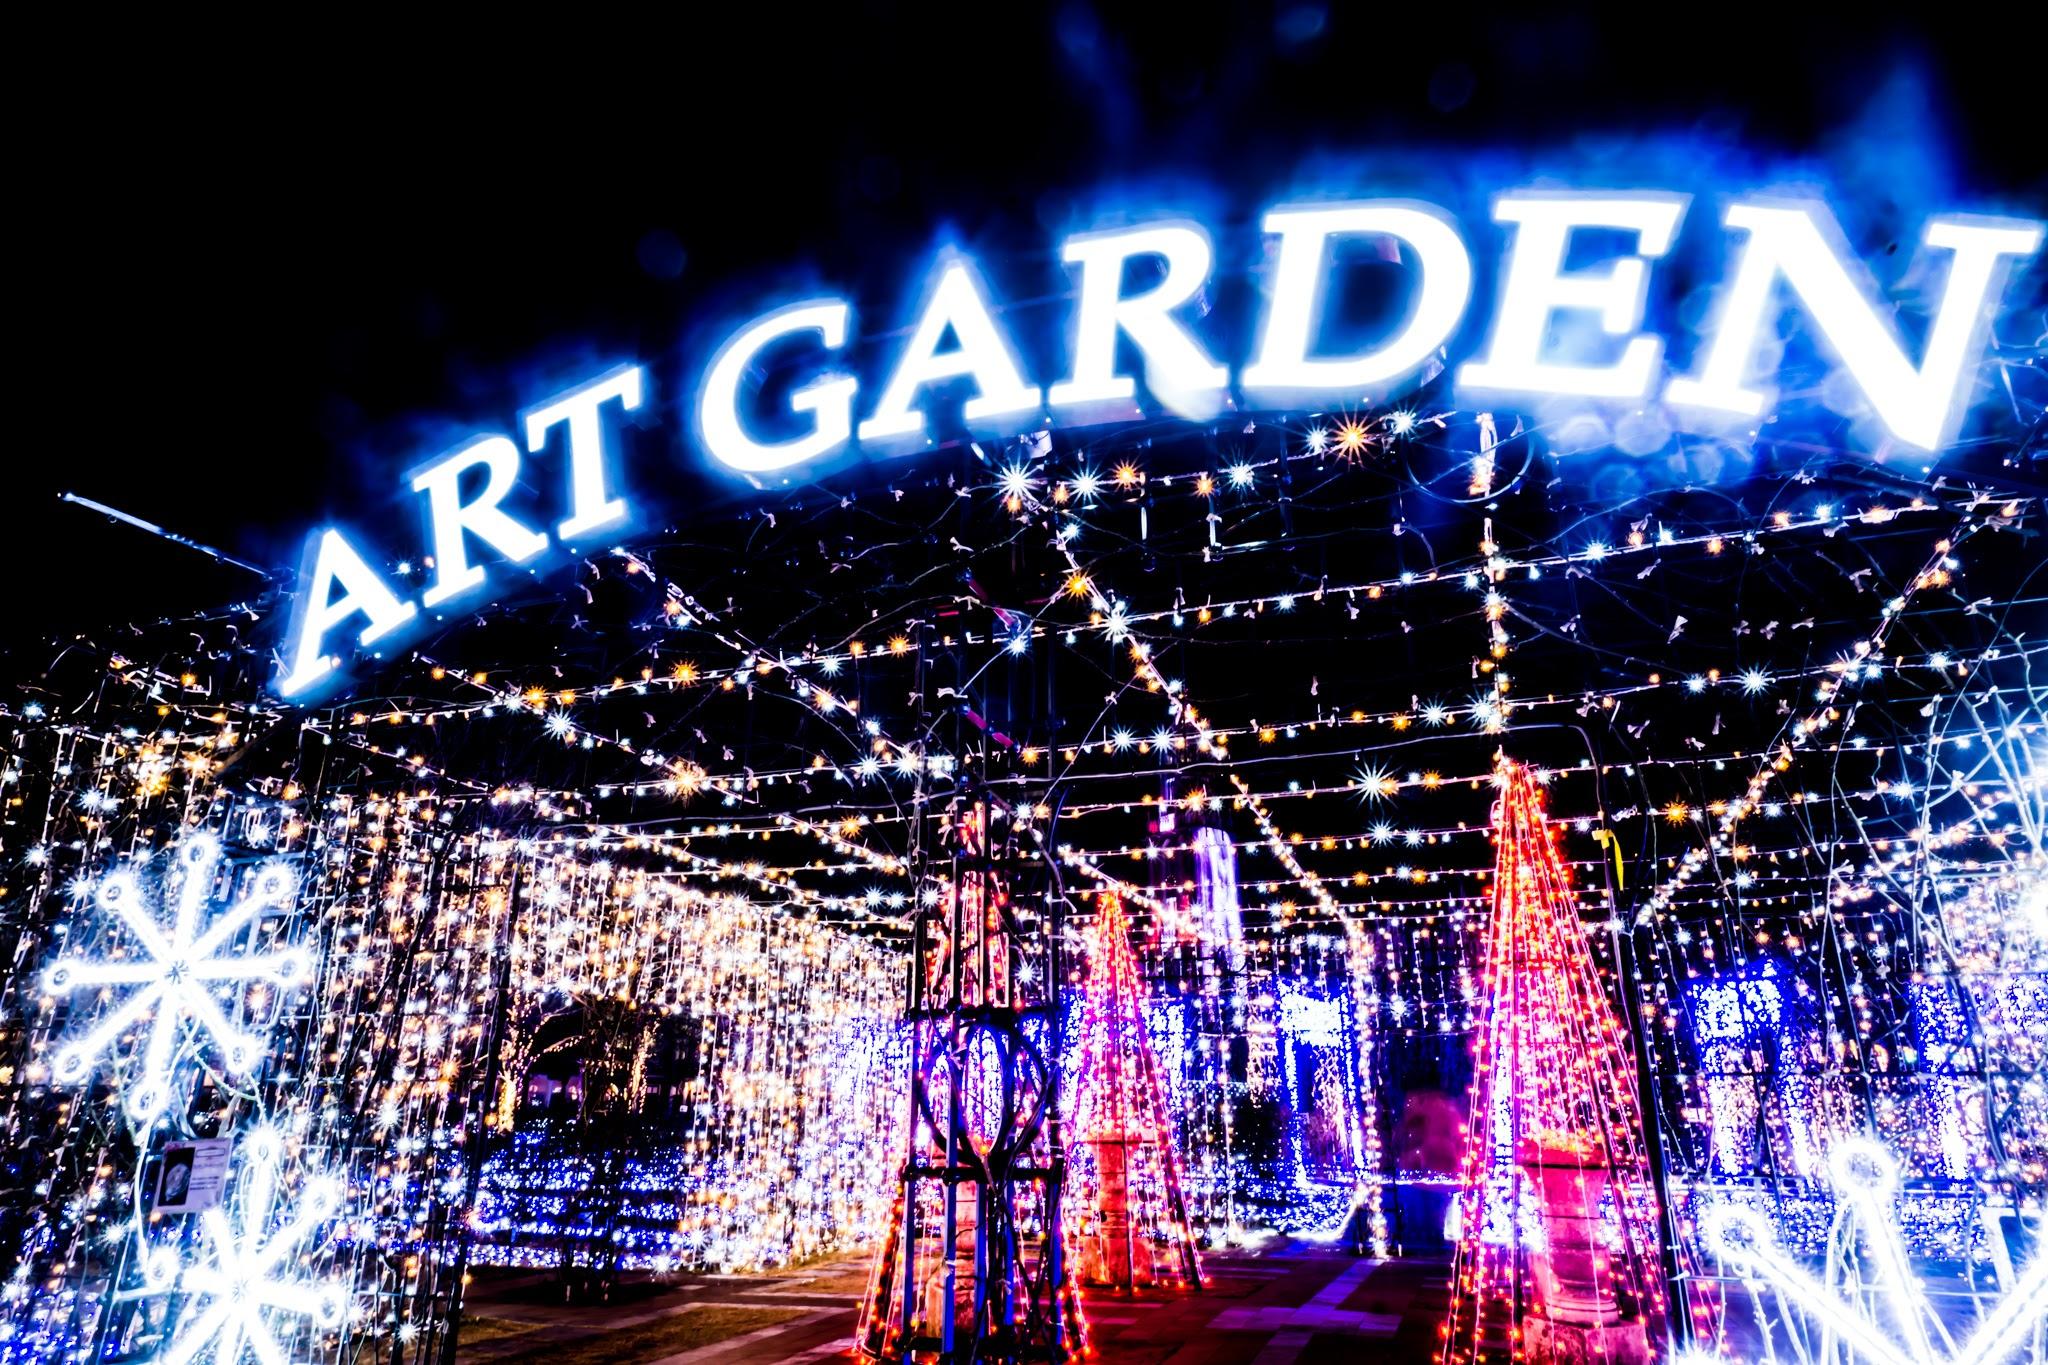 Huis Ten Bosch illumination Kingdom of light Art garden1